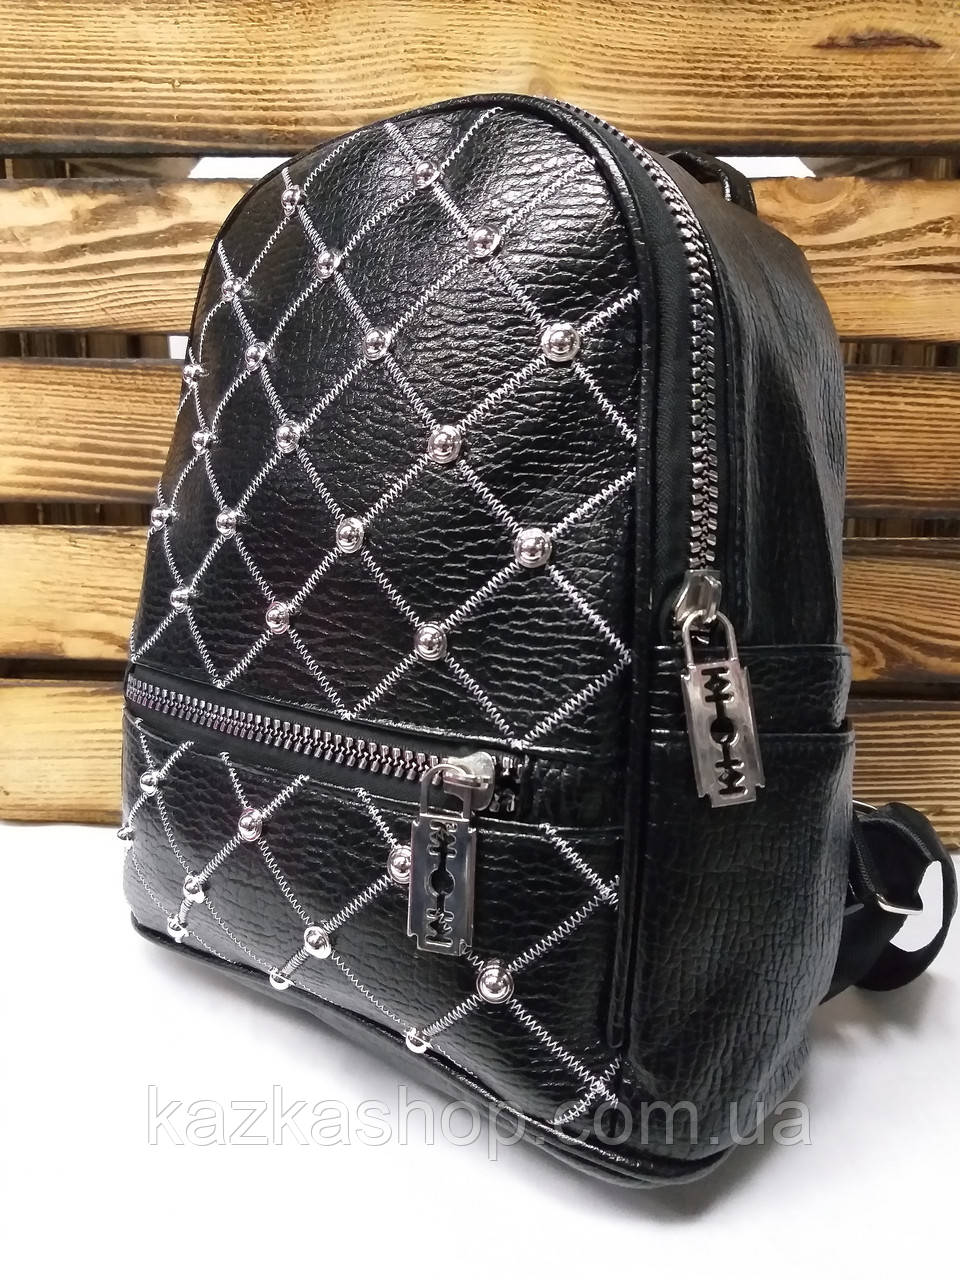 813b0cc16928 Женский рюкзак черного цвета из искусственной кожи с декоративной вышивкой  в виде сетки